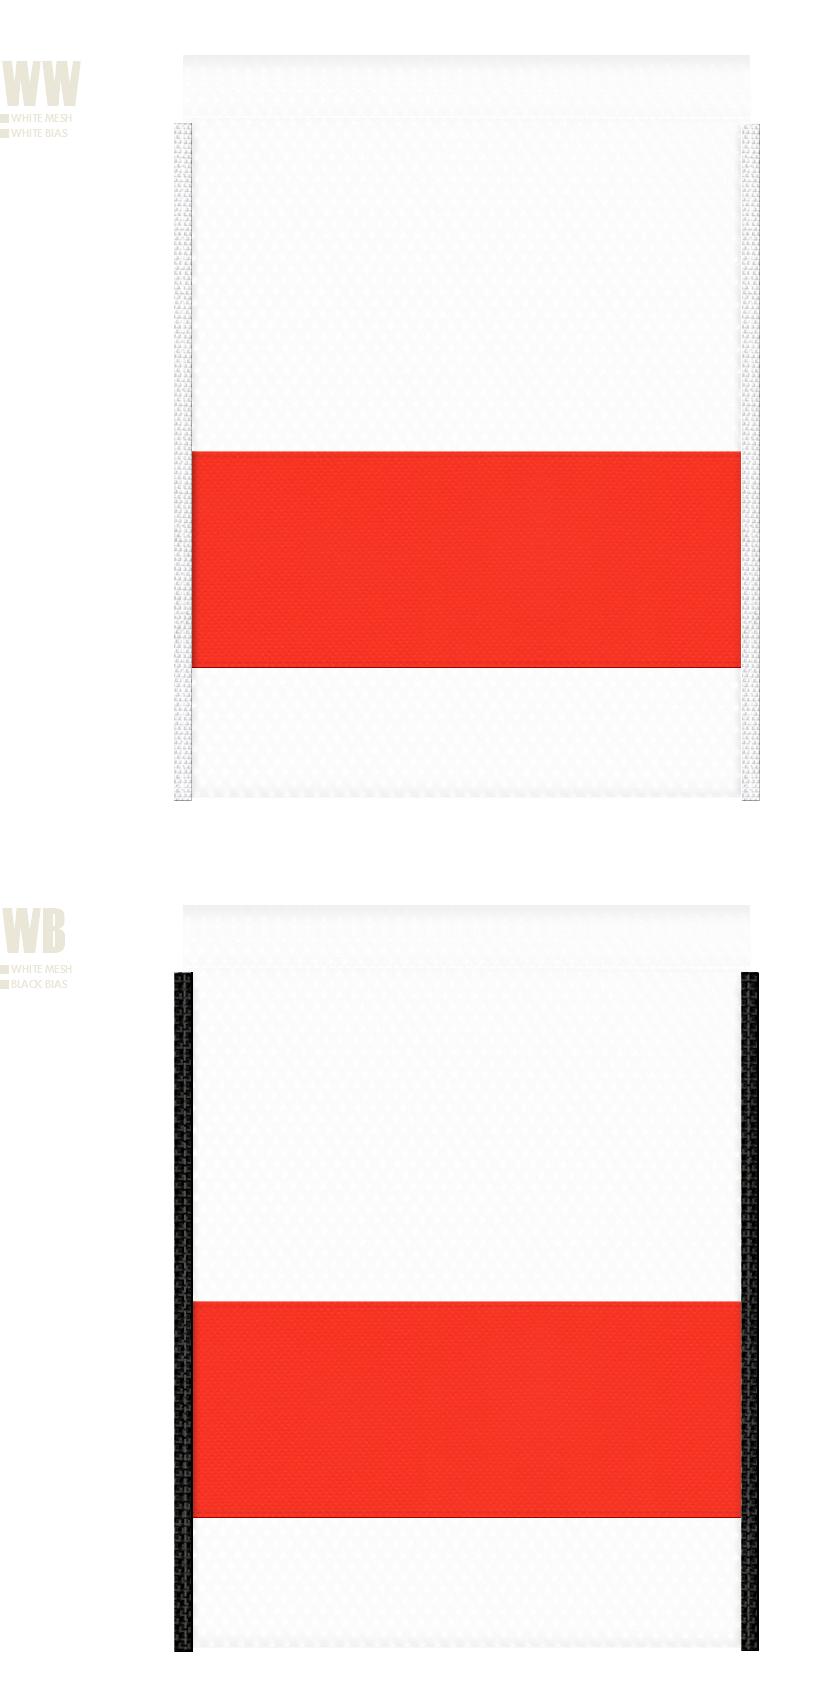 白色メッシュとオレンジ色不織布のメッシュバッグカラーシミュレーション:キャンプ用品・アウトドア用品・スポーツ用品・シューズバッグ・サプリメントの販促ノベルティにお奨め